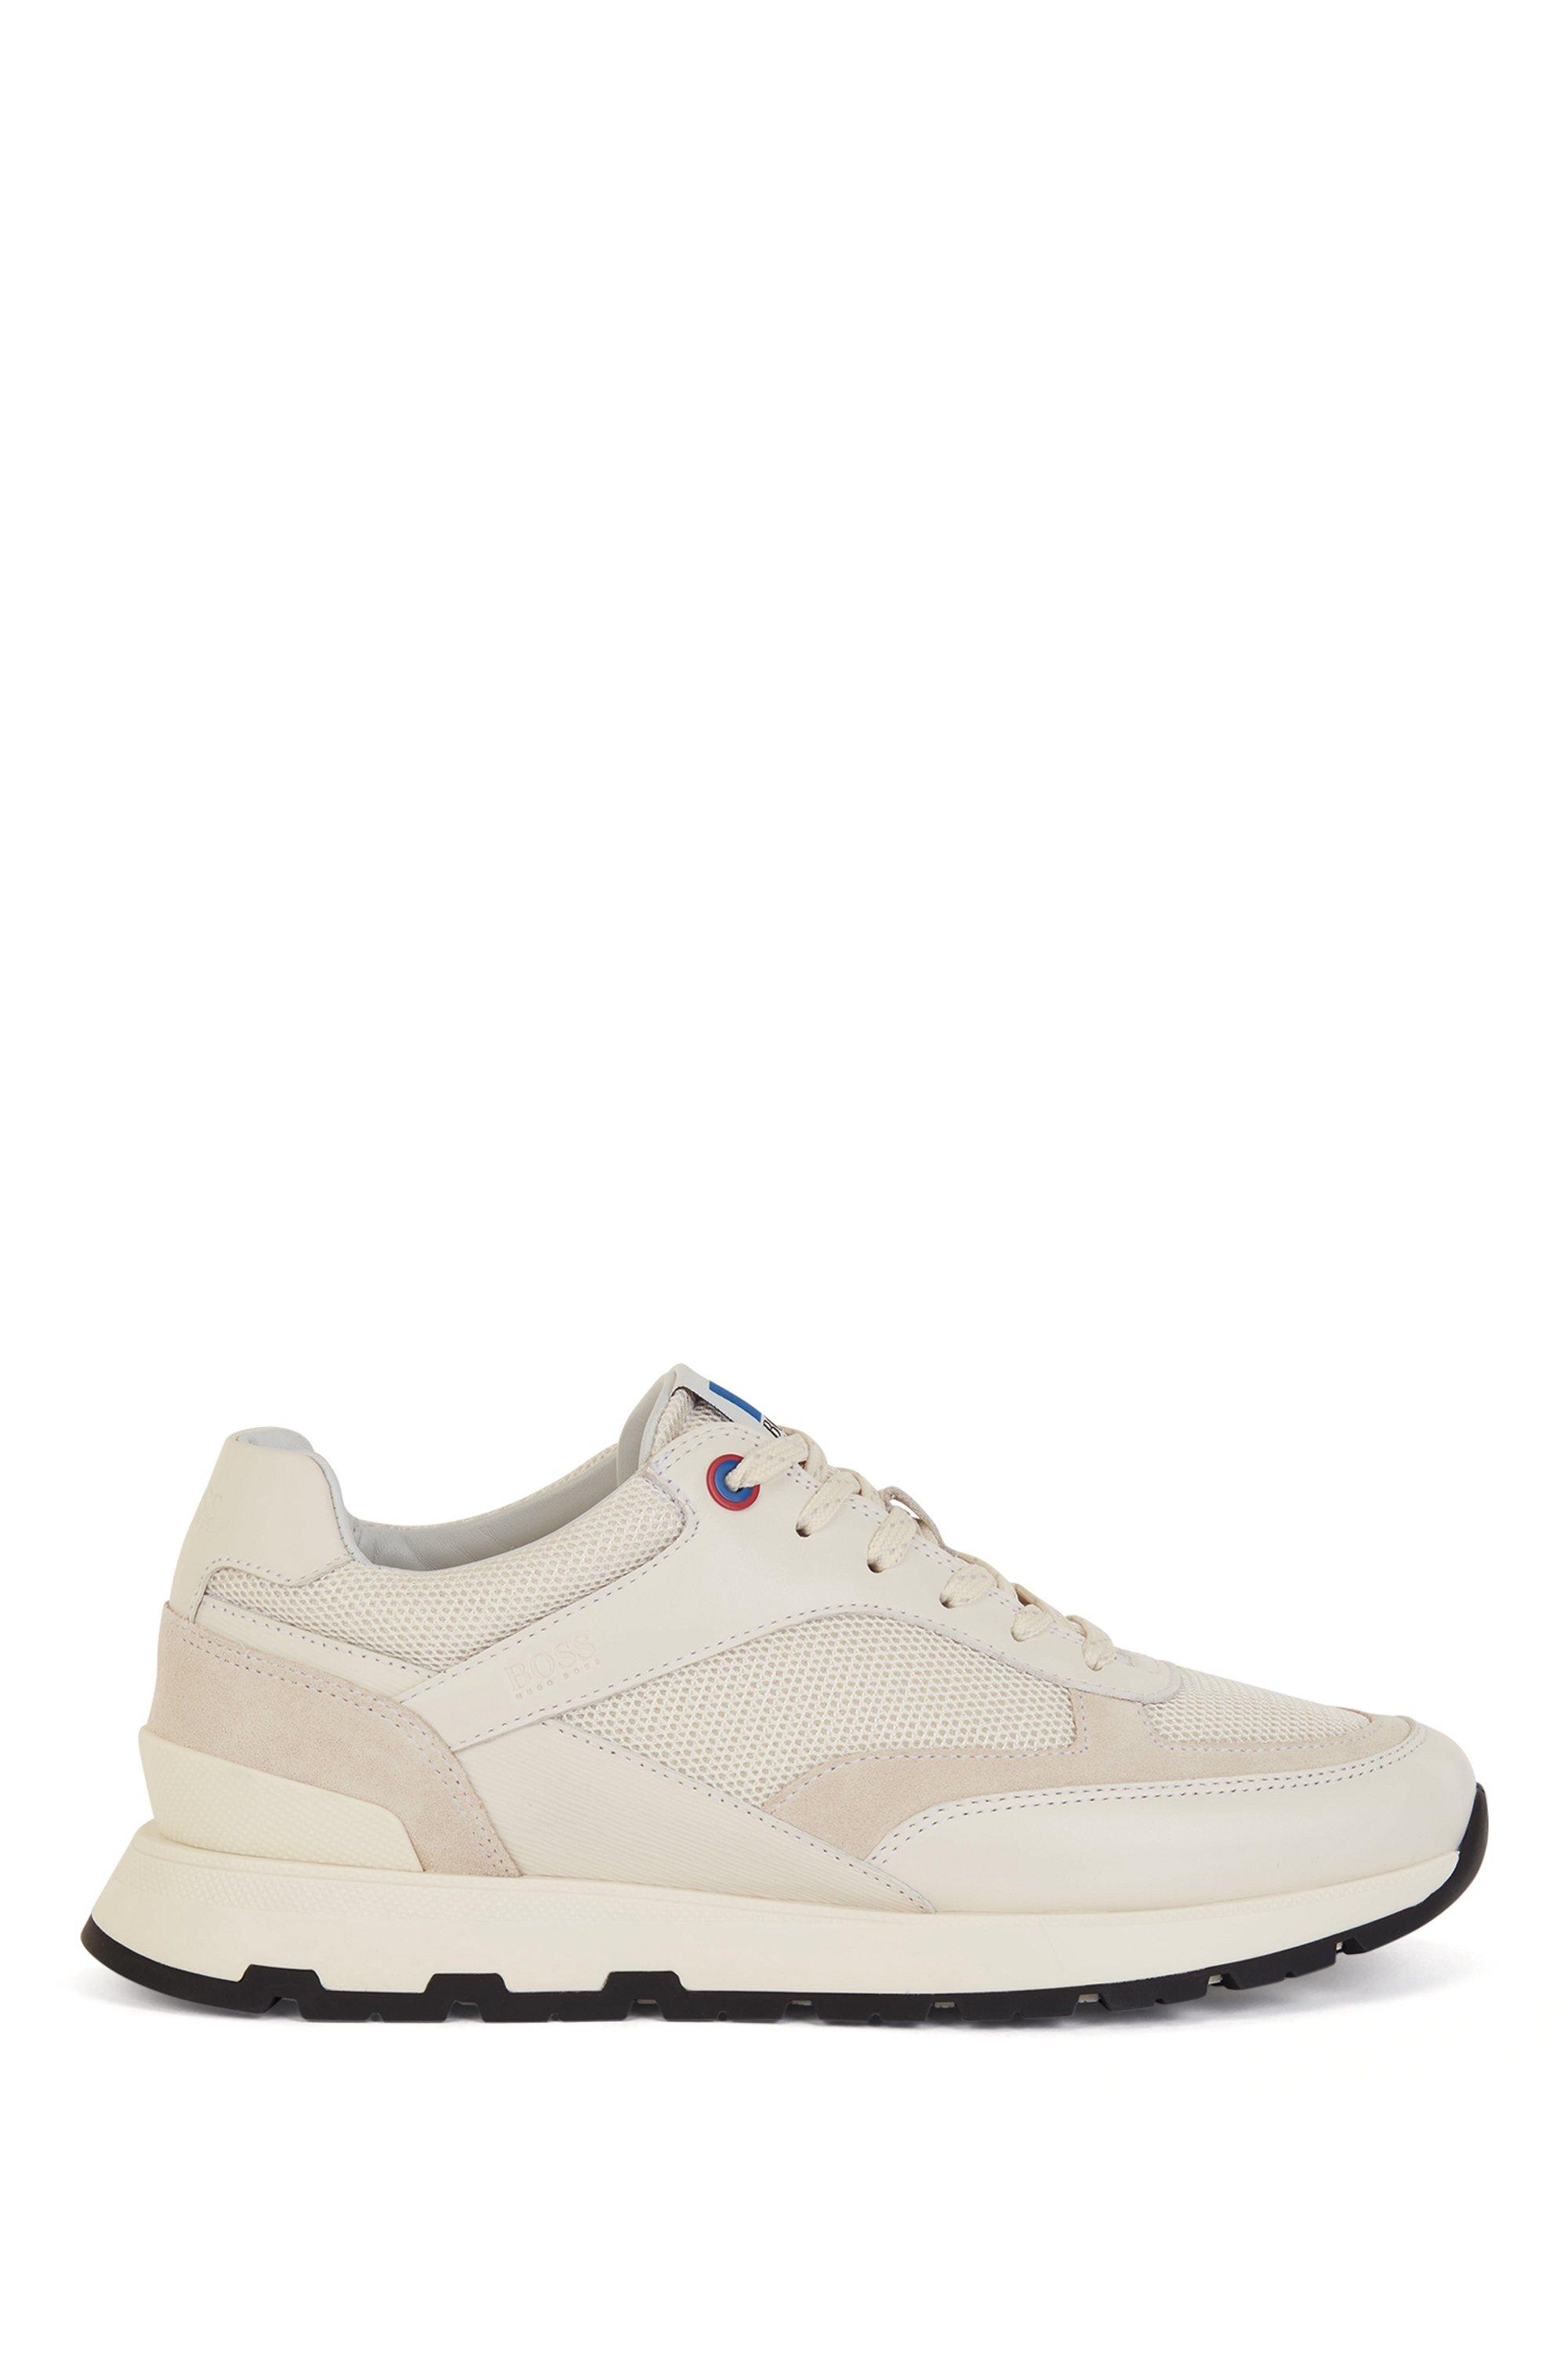 Sneakers im Laufschuh-Stil aus verschiedenen Materialien mit exklusivem Logo, Weiß